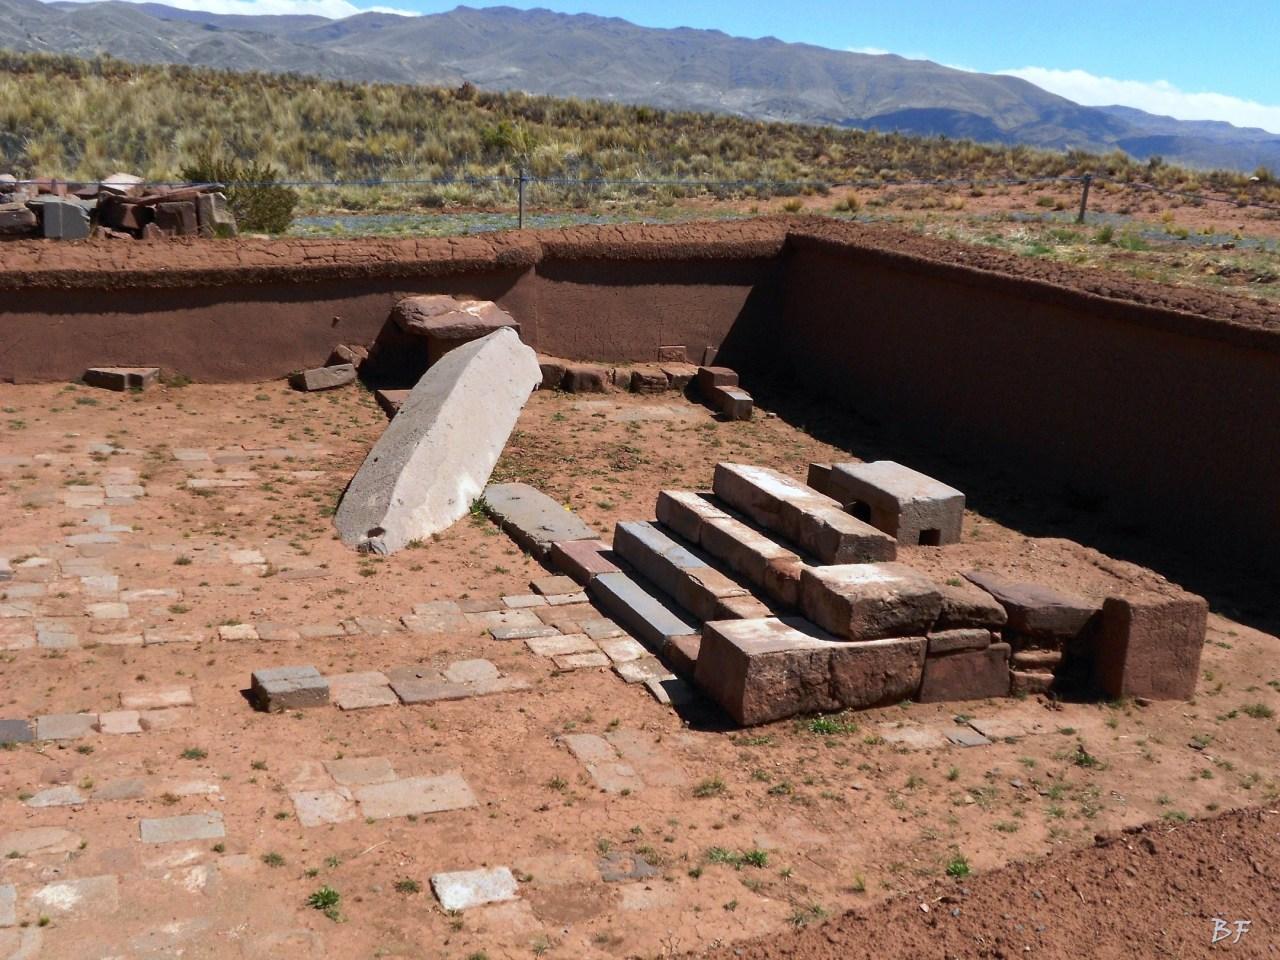 Puma-Punku-Area-Megalitica-Mura-Poligonali-Megaliti-Tiwanaku-Tiahuanaco-Bolivia-16